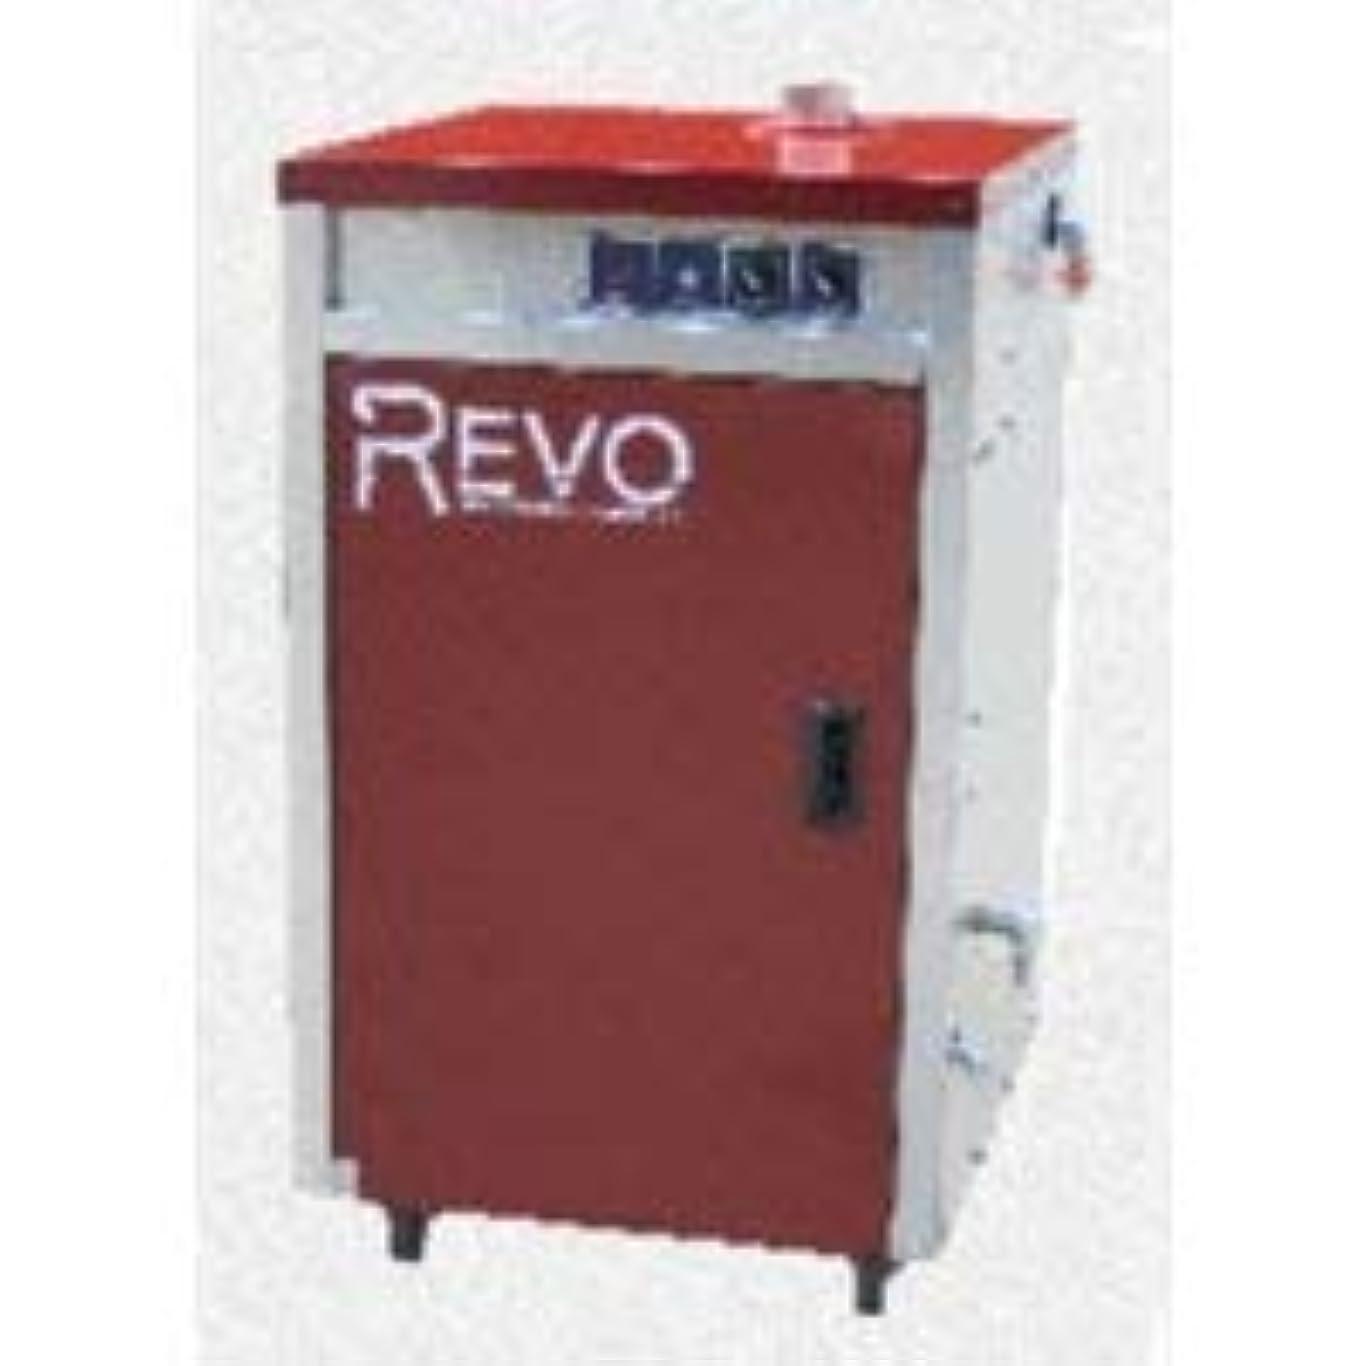 インド難破船ファンネルウェブスパイダー洲本整備機製作所 Revo-1500 高圧温水洗浄機 Revoシリーズ REVO-1500